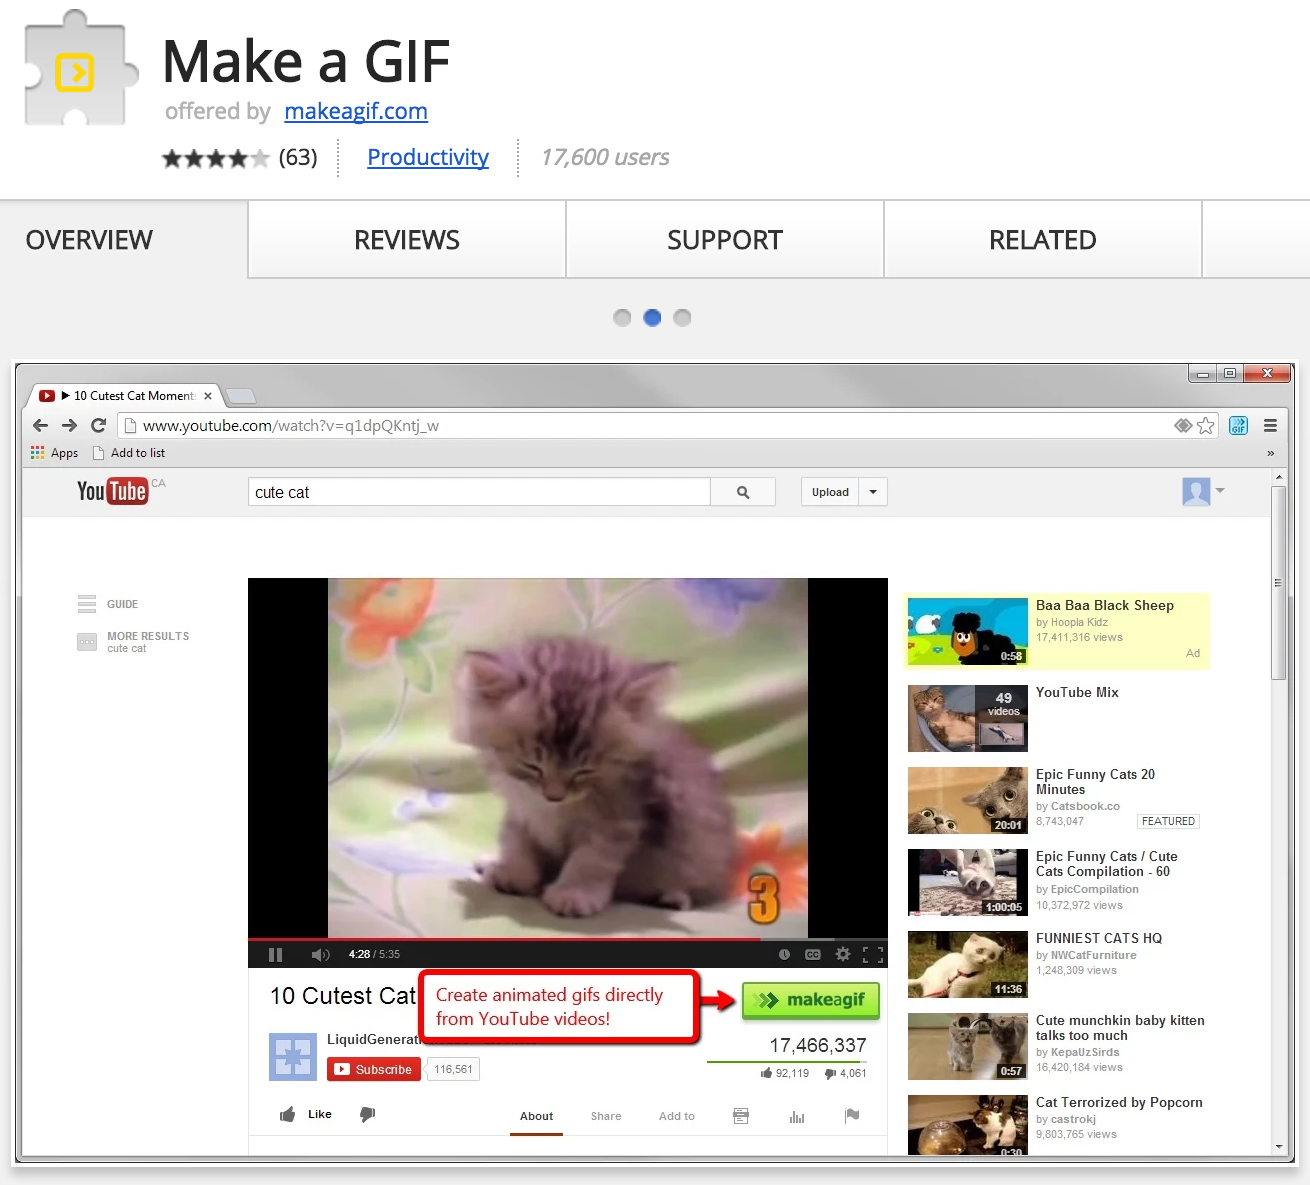 make-a-gif